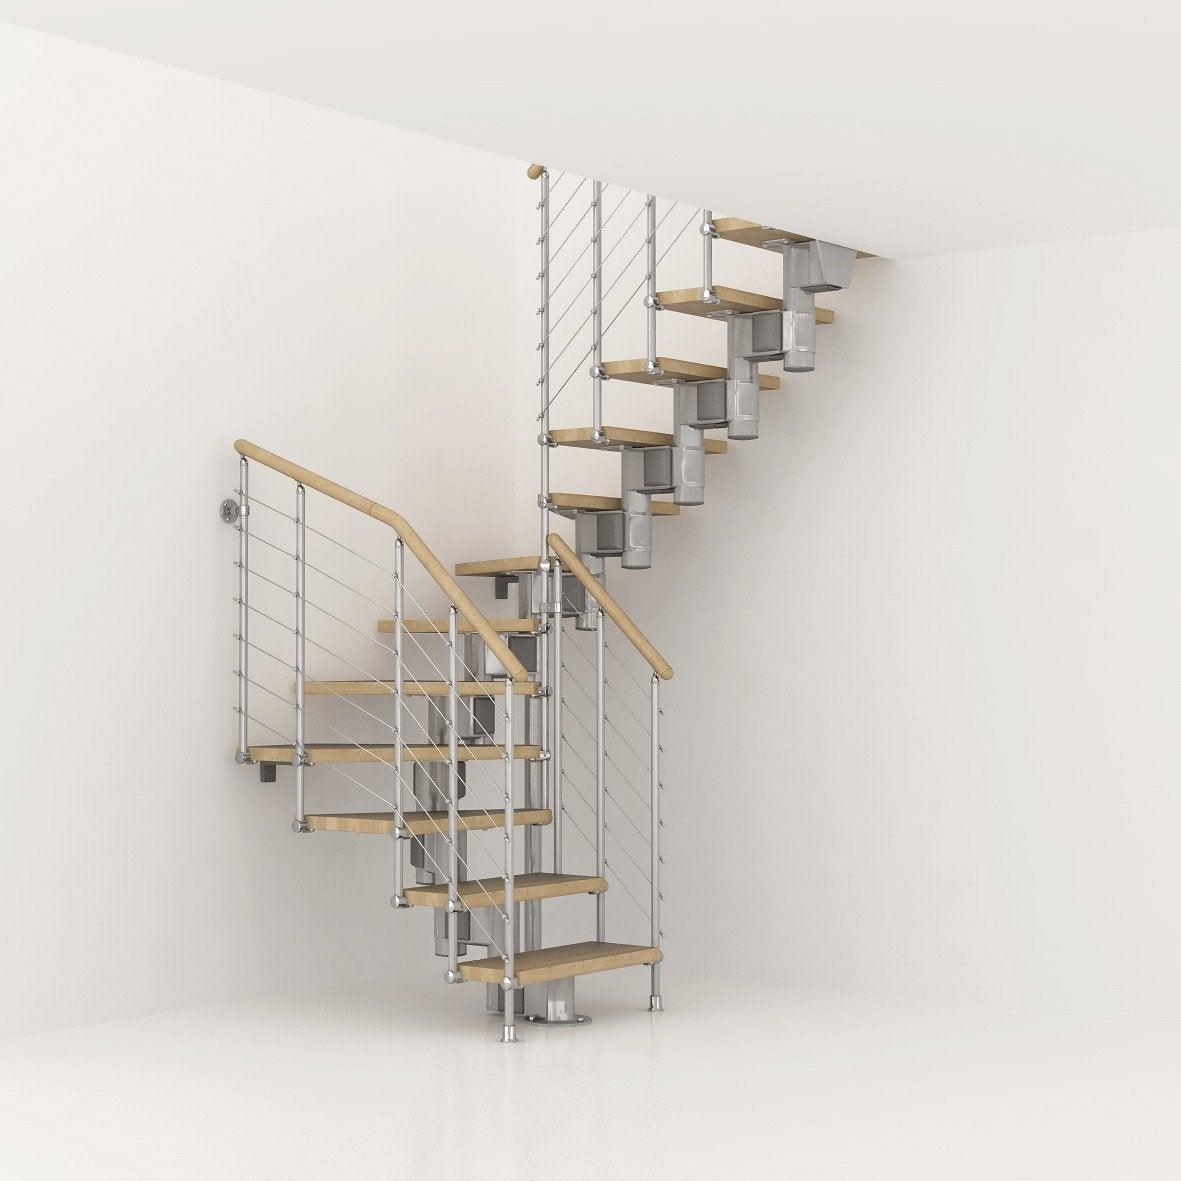 escalier modulaire long structure m tal marche bois. Black Bedroom Furniture Sets. Home Design Ideas